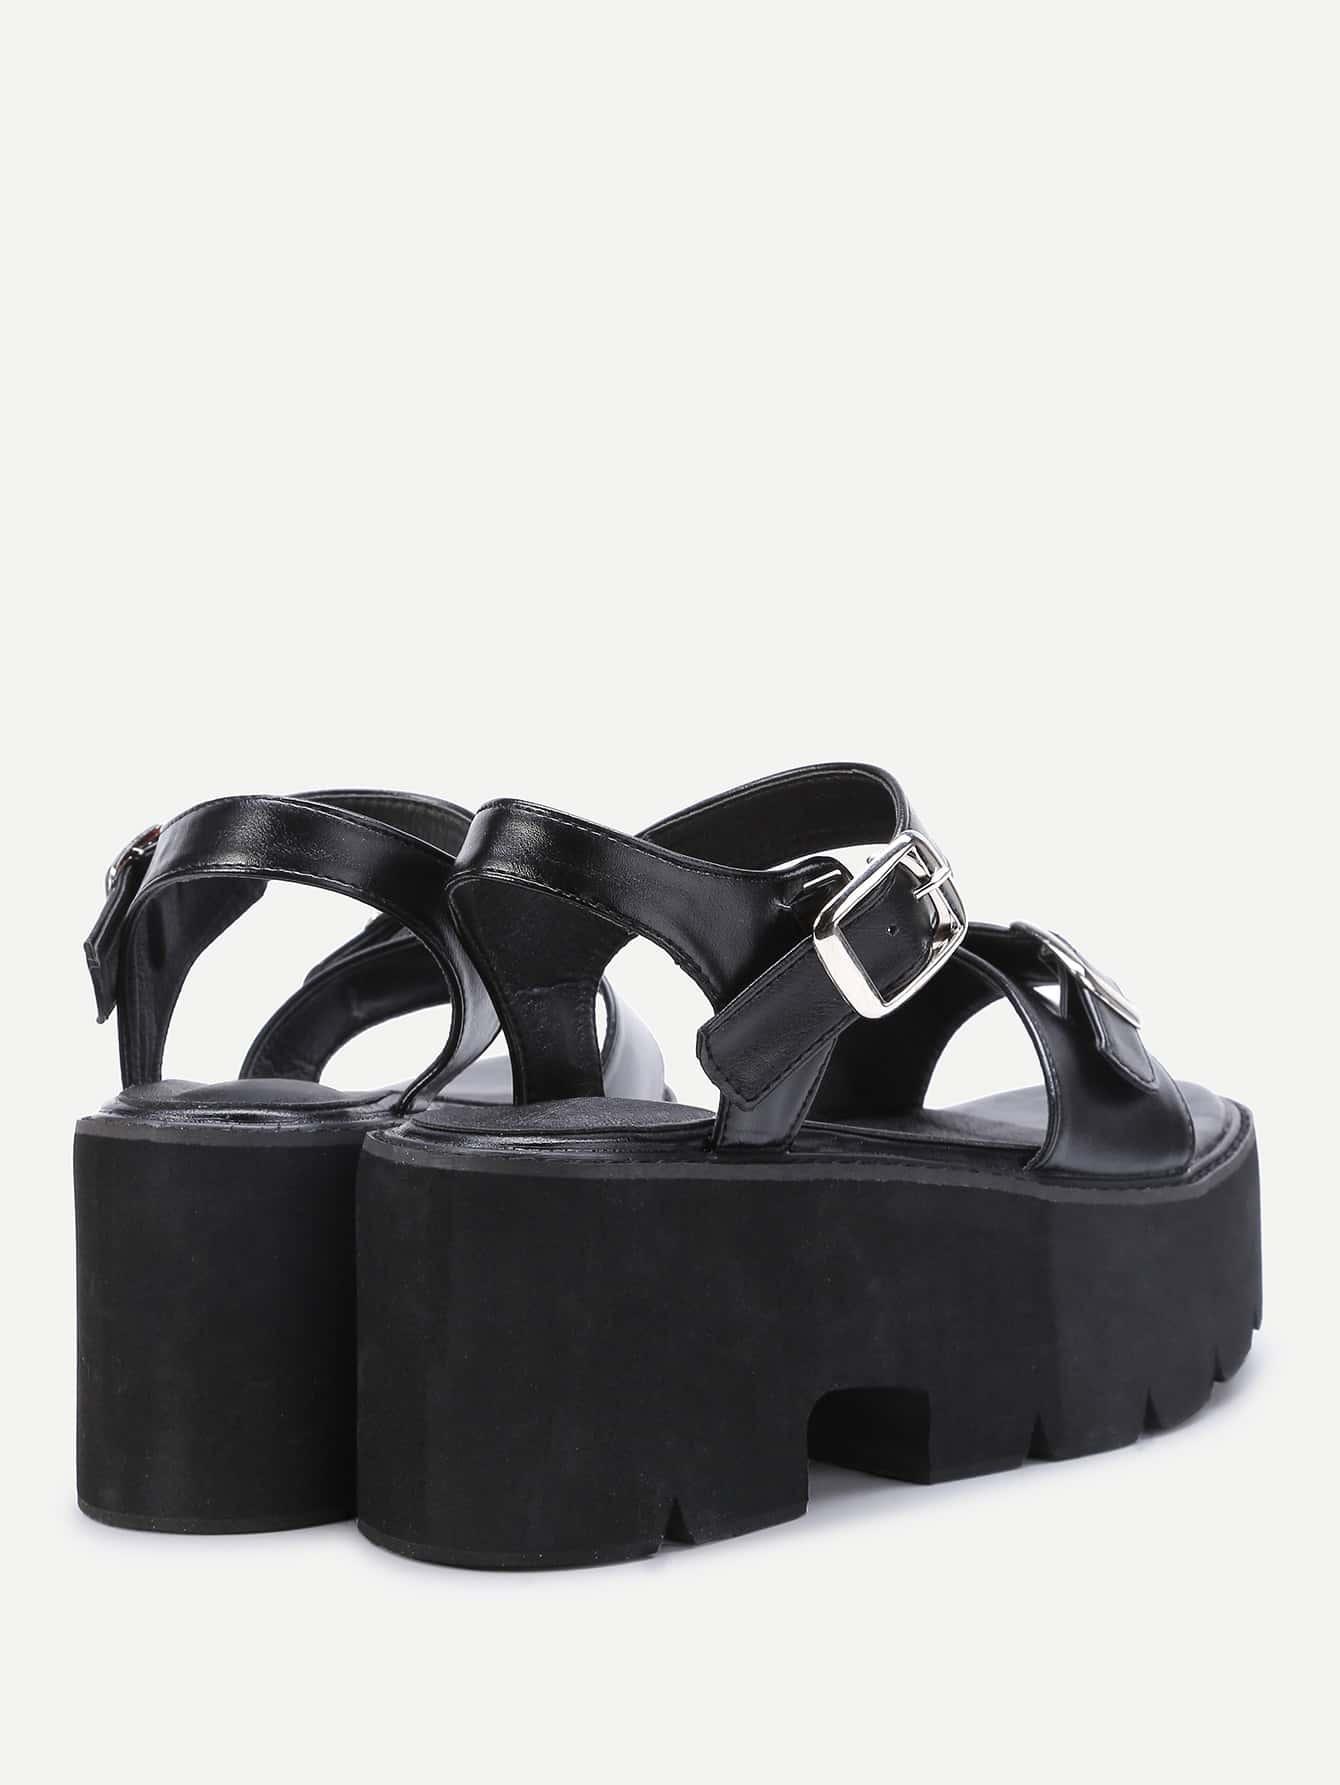 shoes170331811_2